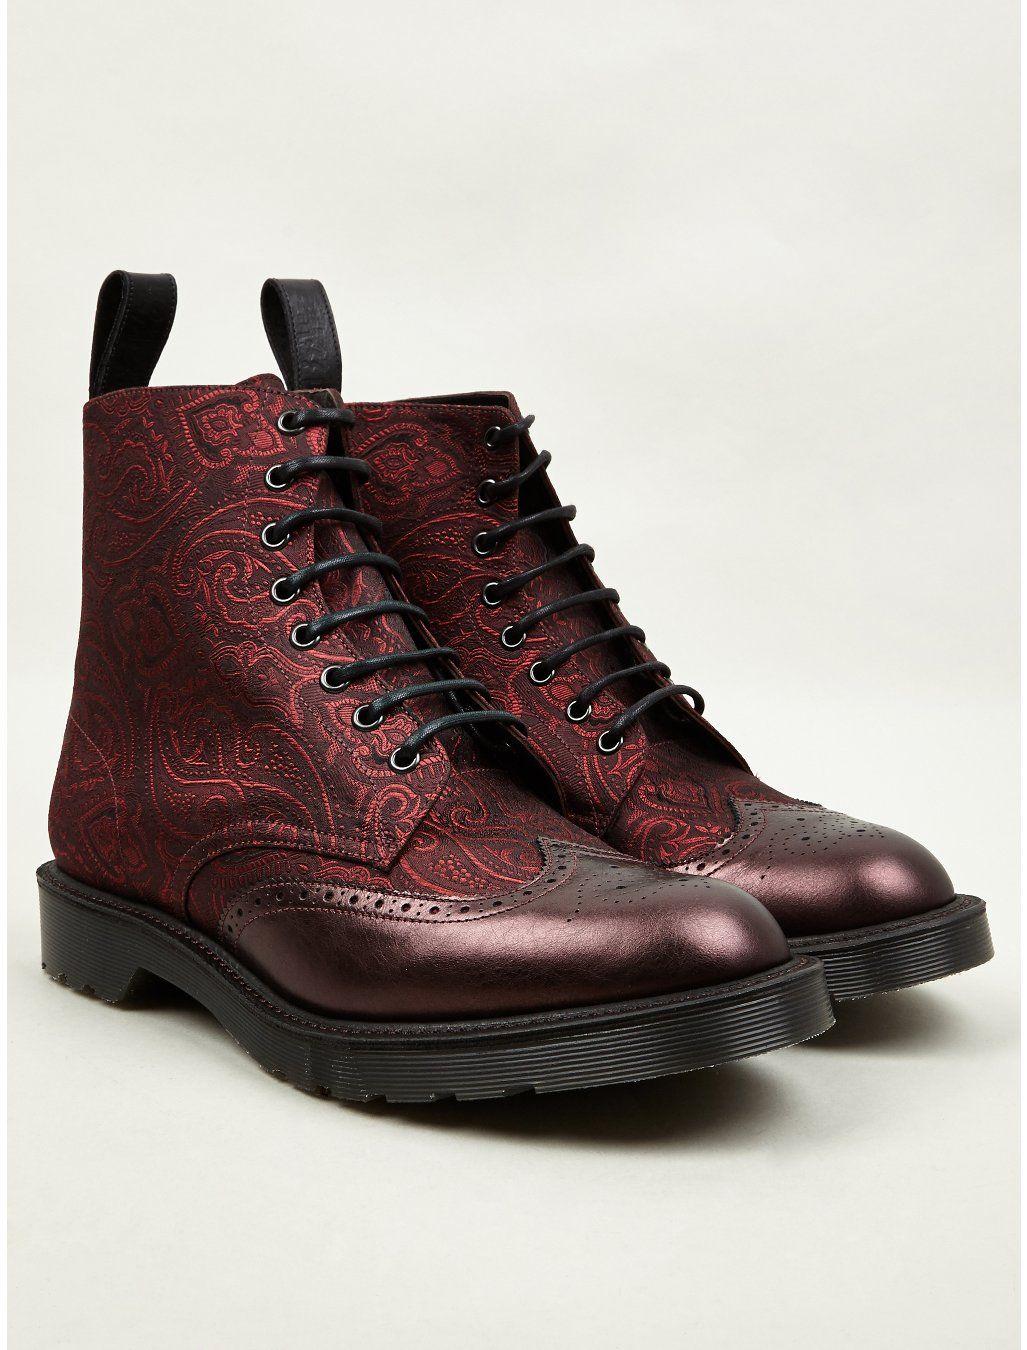 abe01de4741 Dr Martens - Men s Cherry Red MIE Calder Paisley Silk Boots